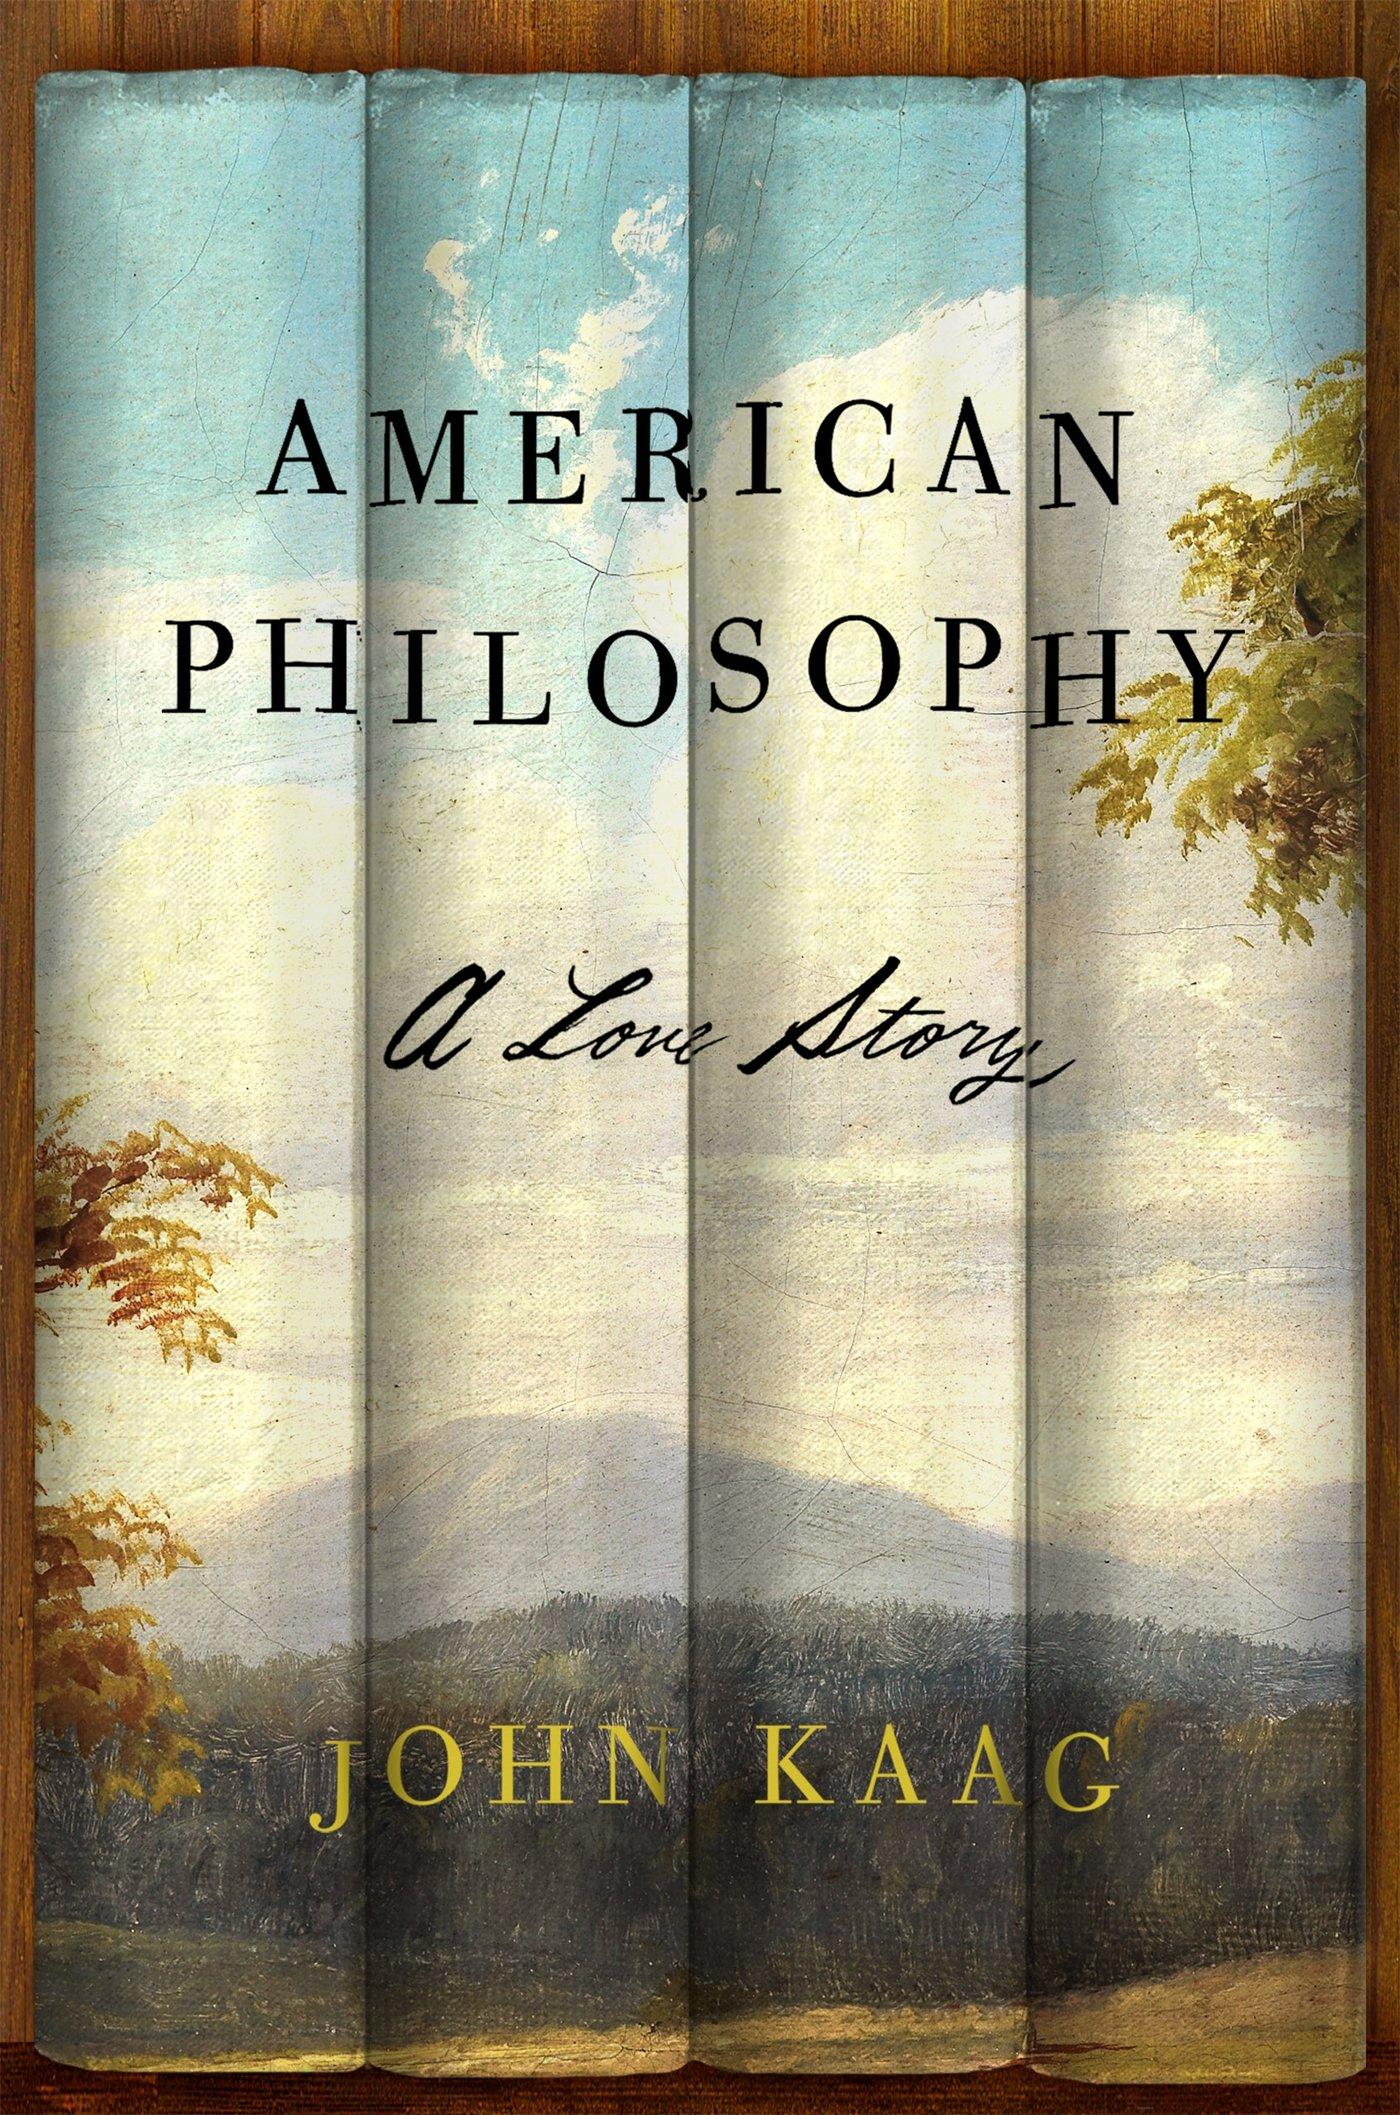 American Philosophy by john Kaag.